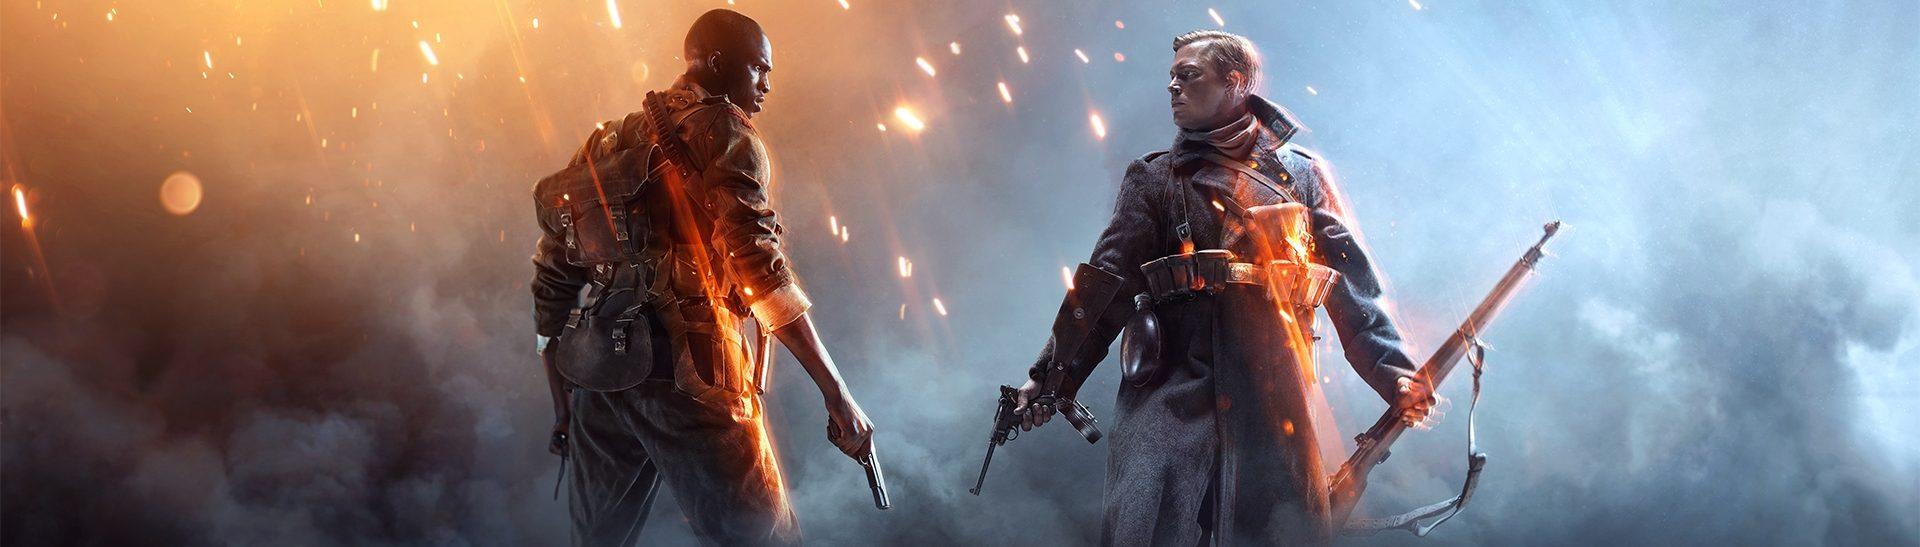 El Early Acces del Battlefield 1 se adelantó para los usuarios de EA y Origin